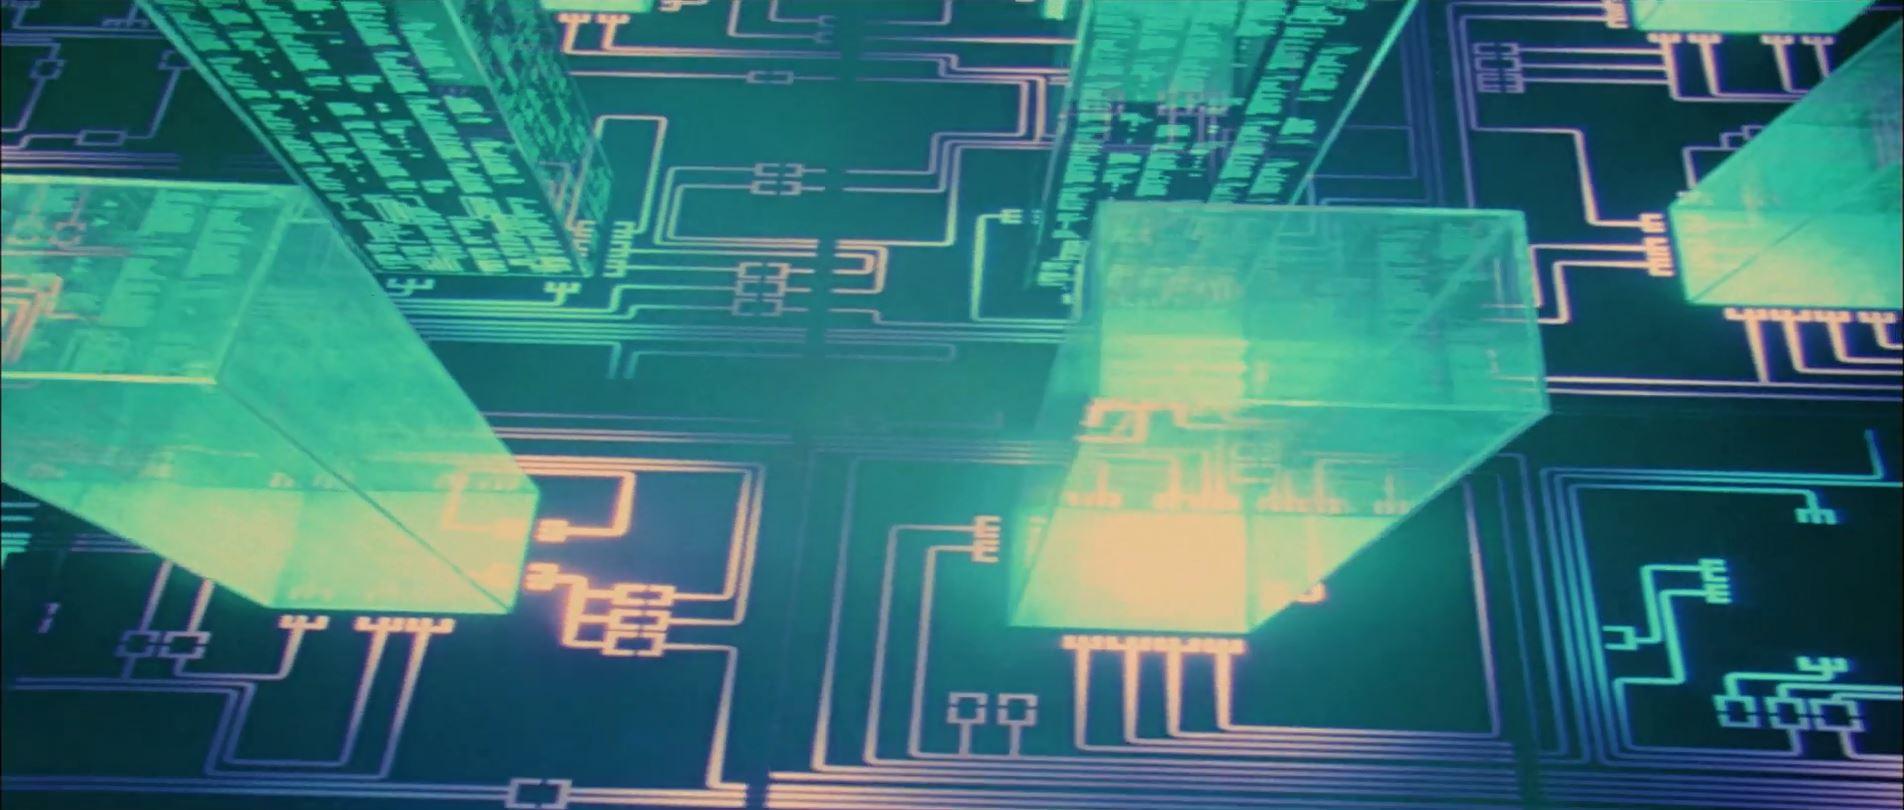 Inside the hackers digital world